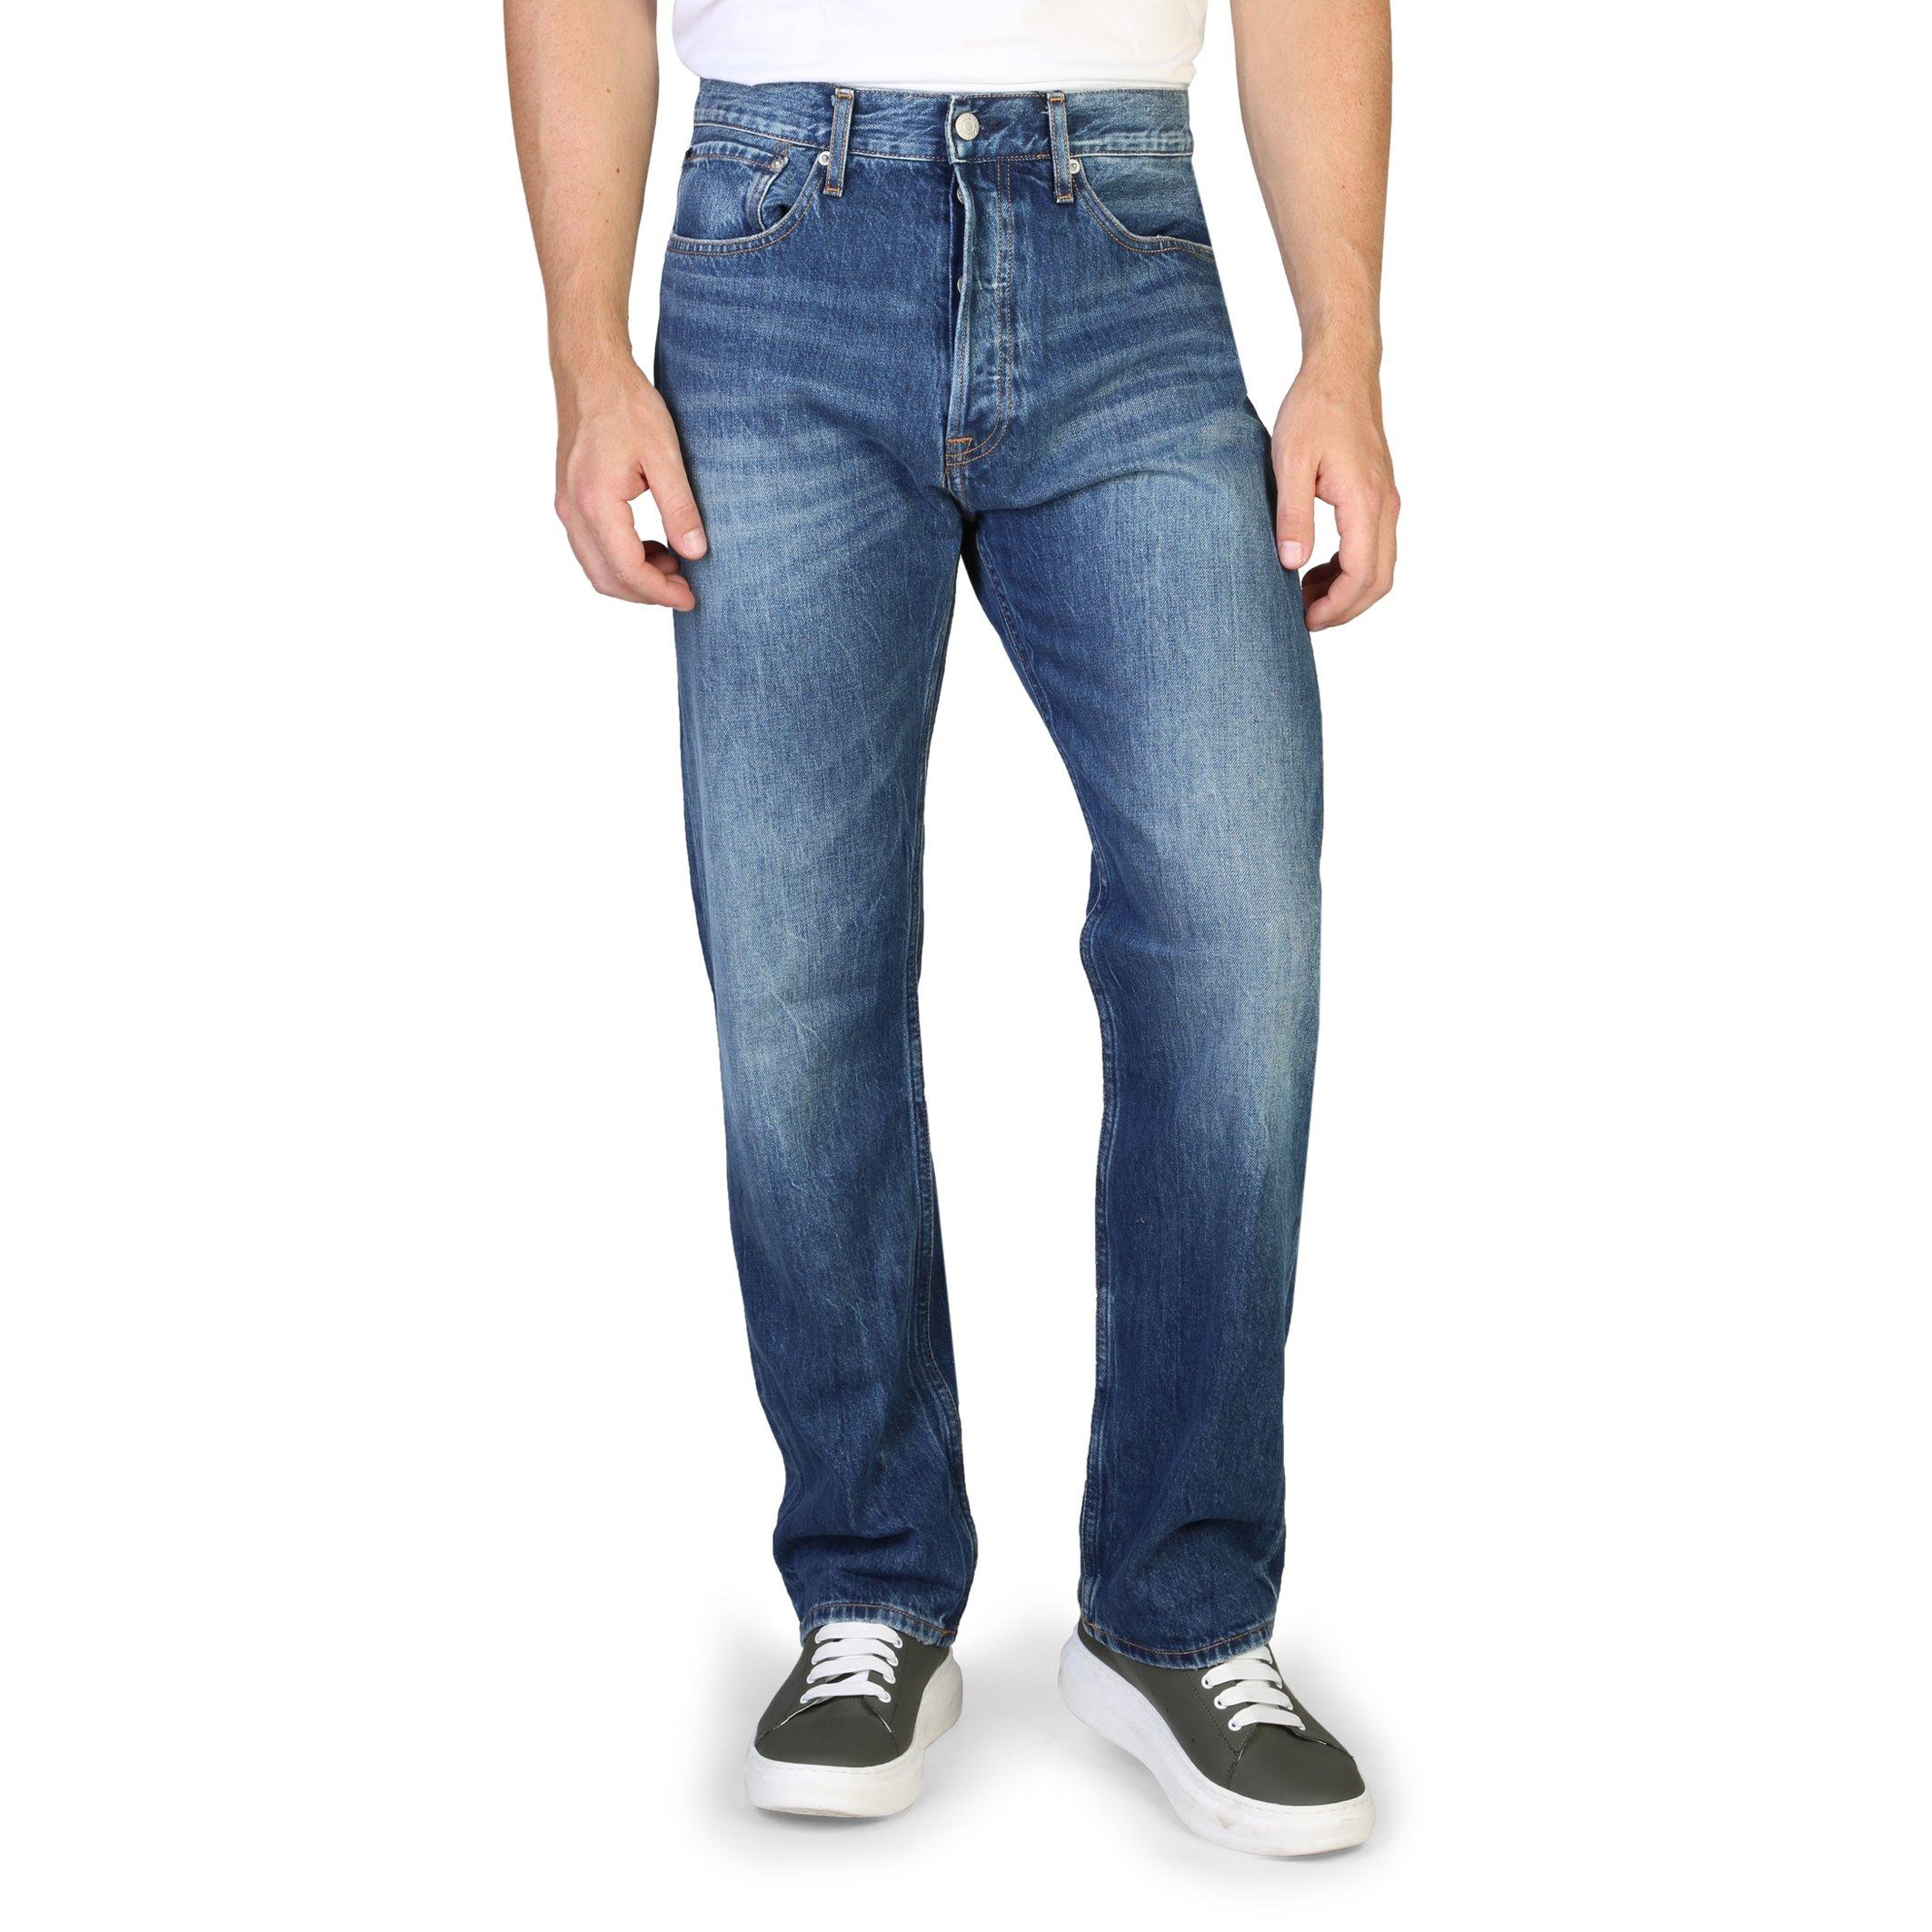 Calvin Klein Men's Jeans Blue 350113 - blue-2 30